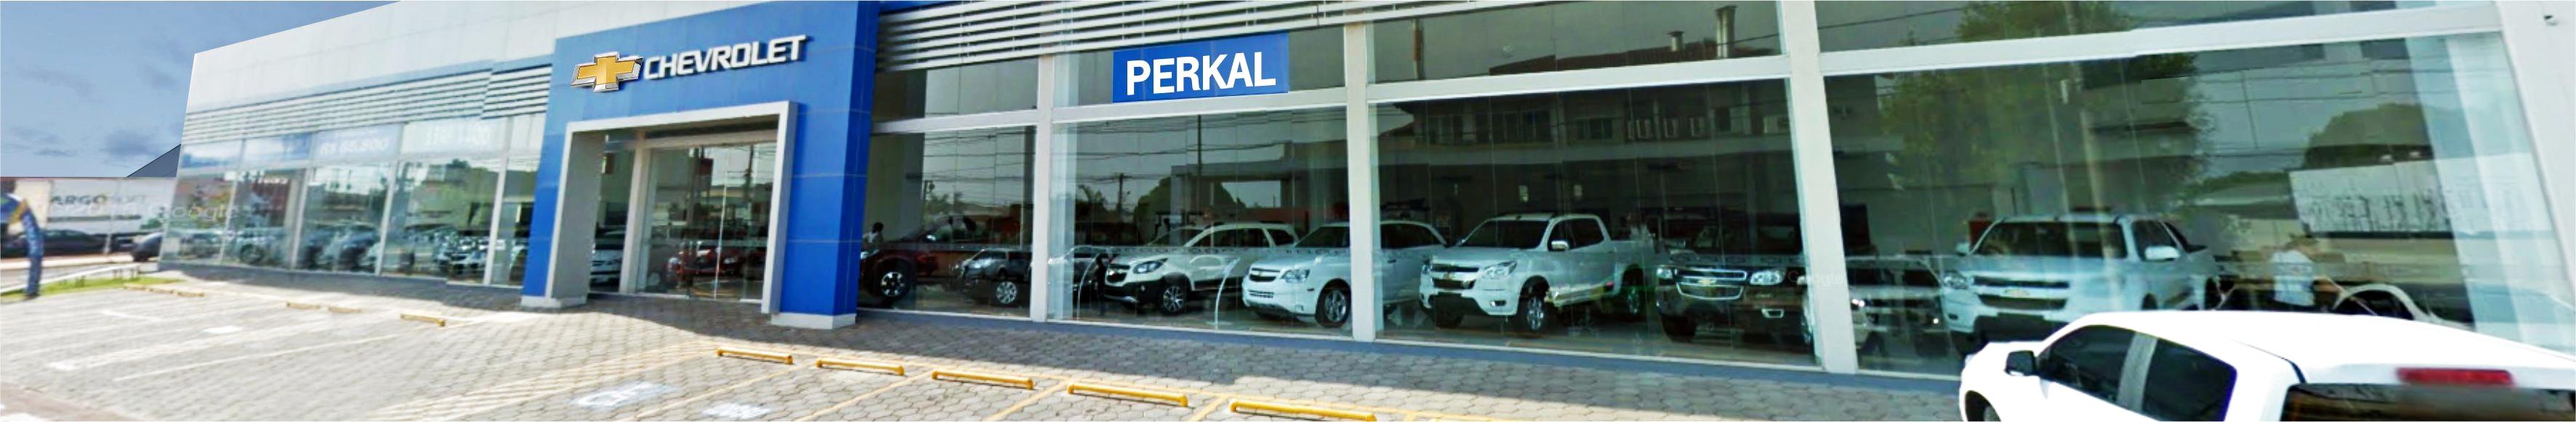 Venda e ofertas de carros novos e seminovos na concessionária Chevrolet Perkal. Peças genuínas GM, acessórios automotivos originais e serviços de manutenção e revisão de veículos.